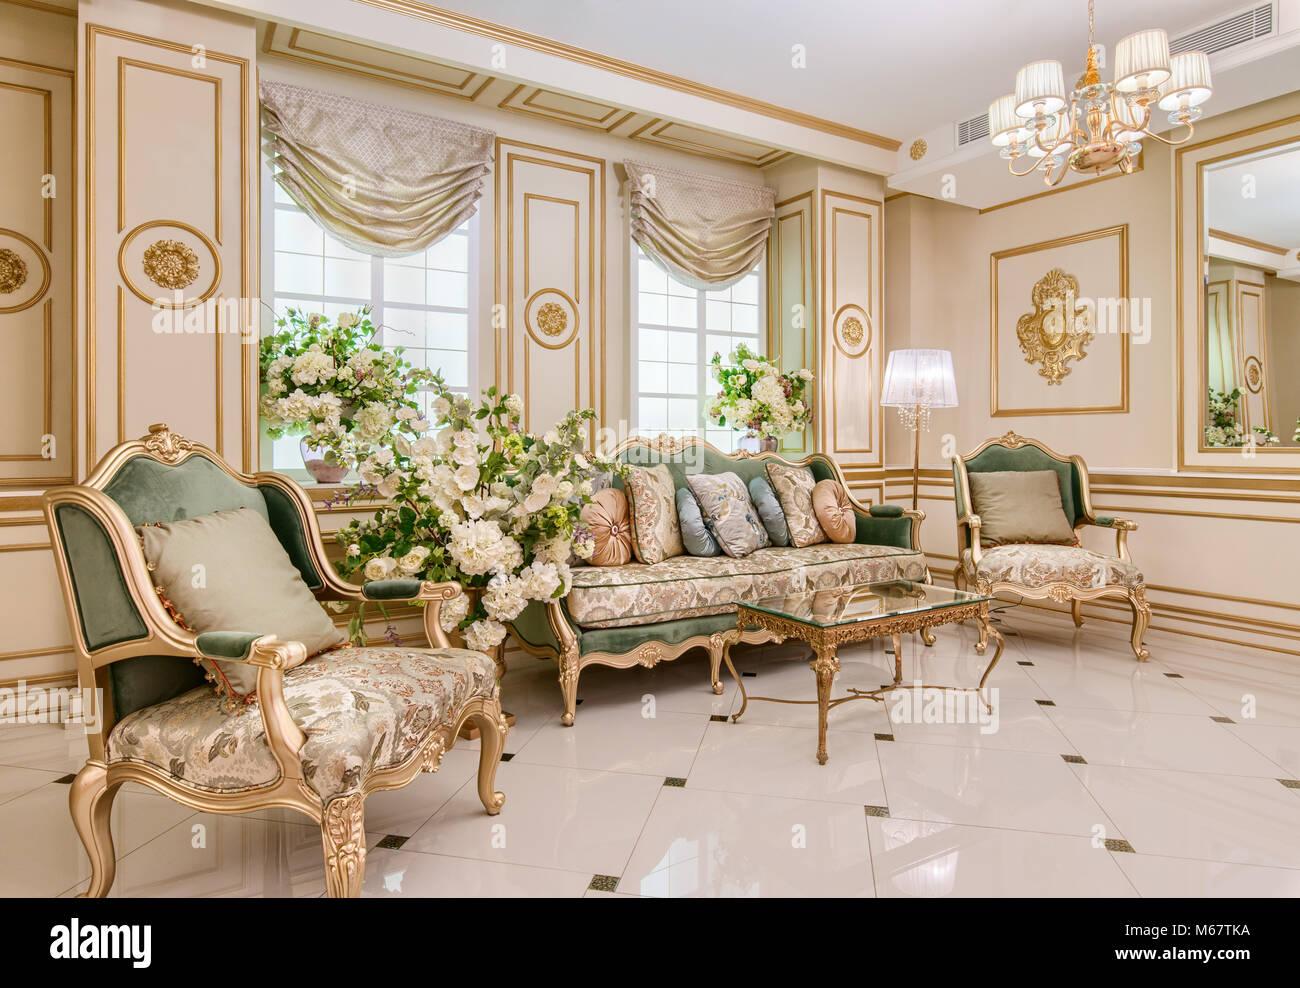 Luxury Classic Living Room Interior Stock Photo Alamy